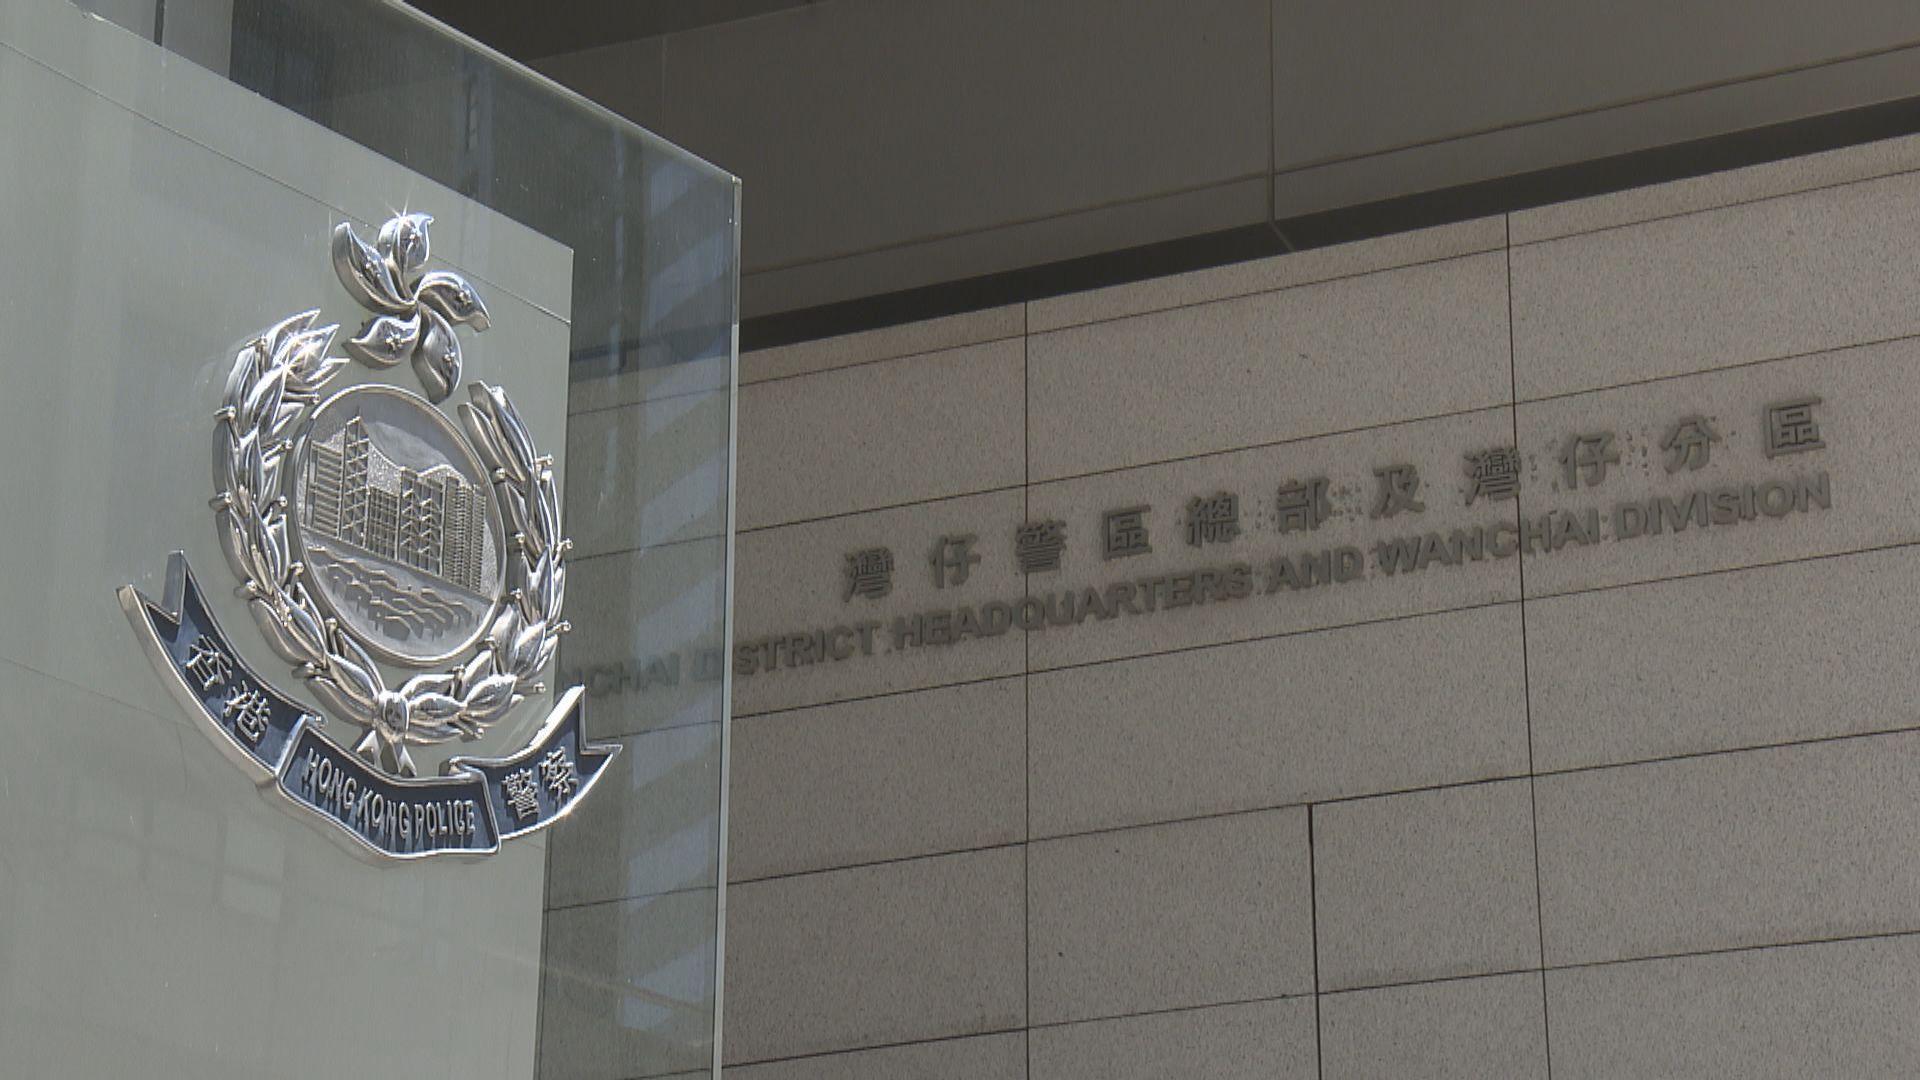 警方確認西灣河開槍 沙田東涌拔槍及擎槍